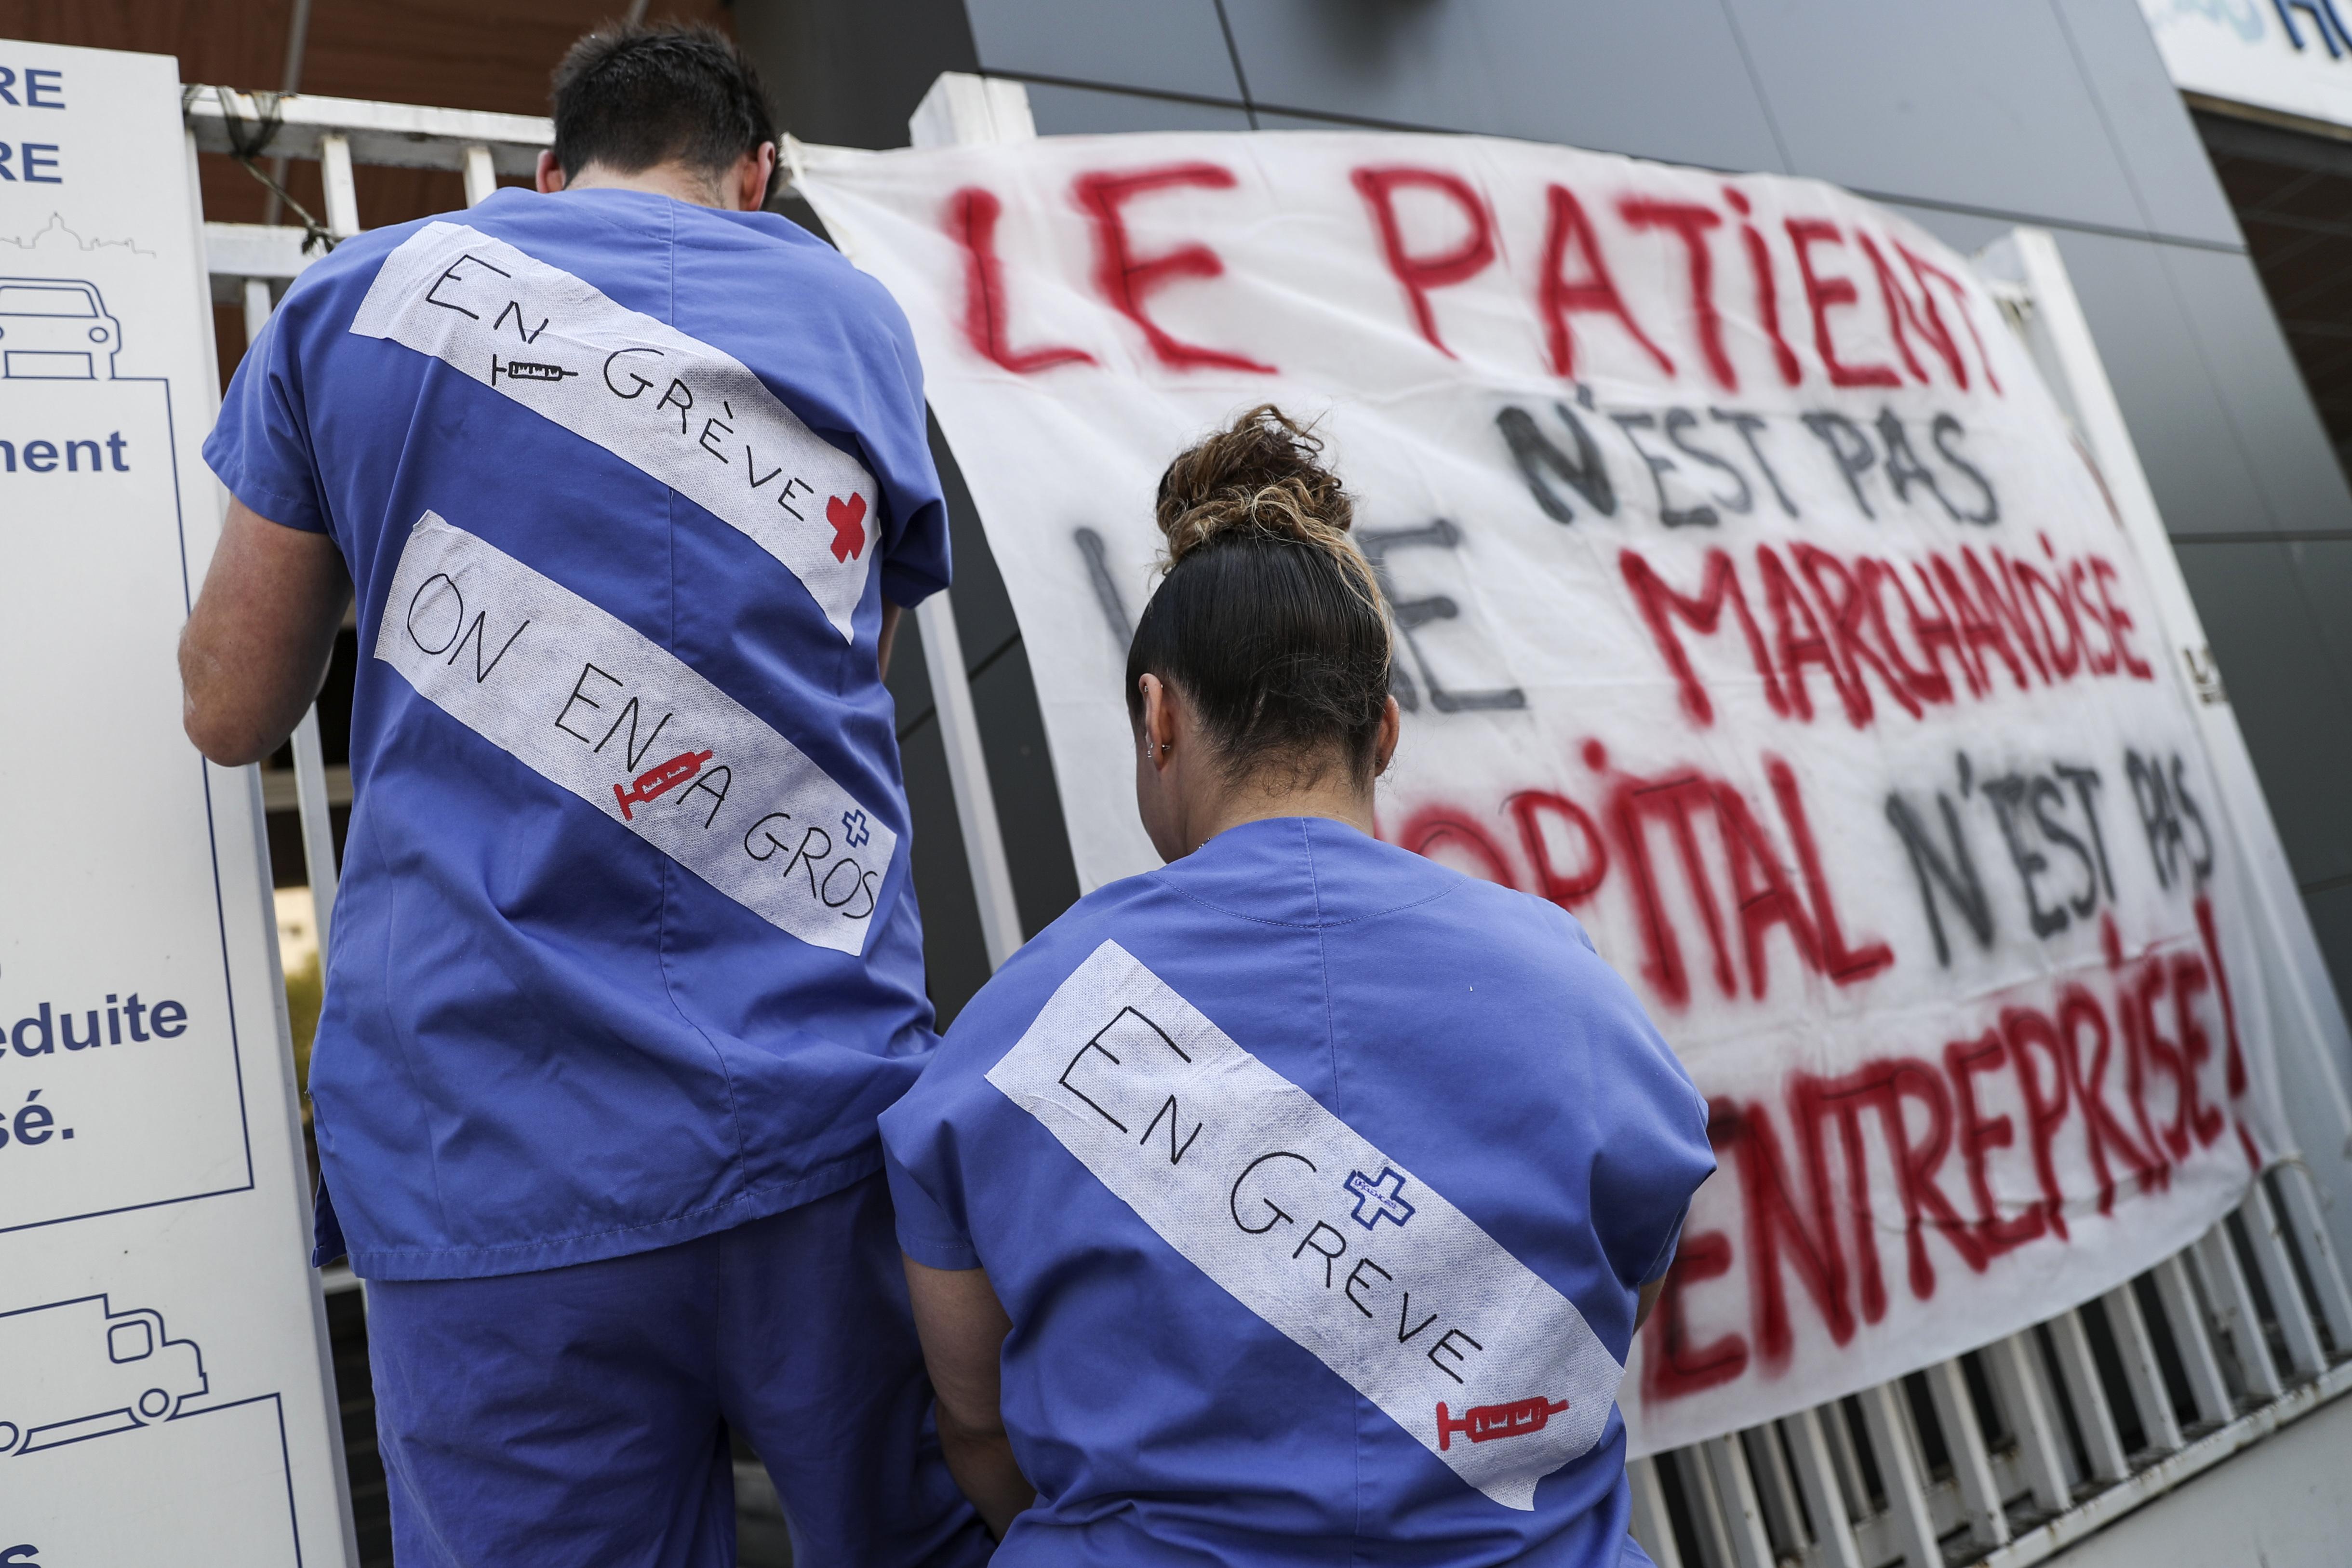 Des personnels soignants en grève devant l'hôpital de la Pitie-Salpetriere, à Paris.